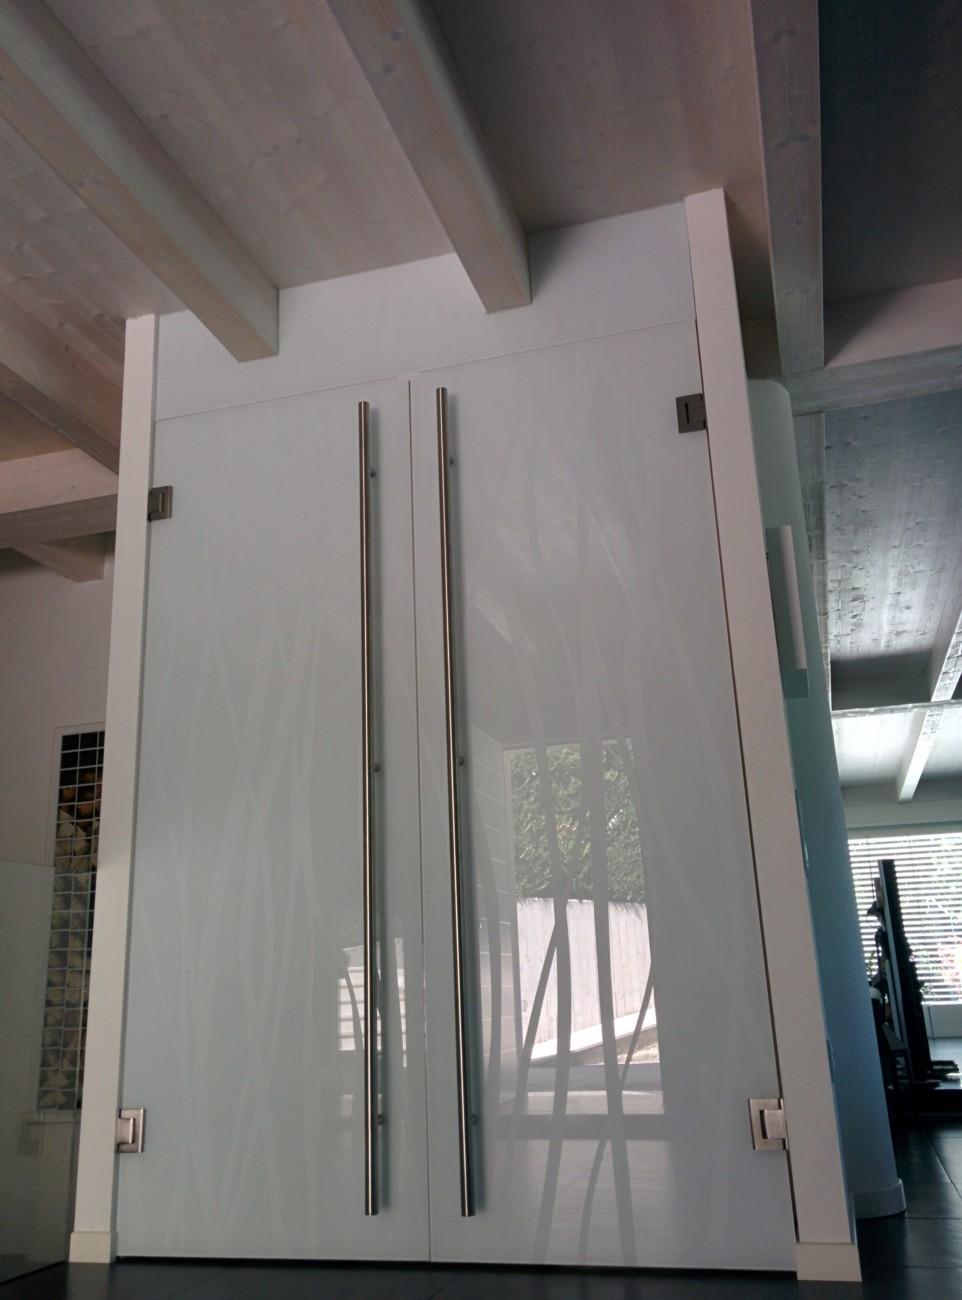 vetreria gottardi, porte temperate, porta temperata, vetro nuvola, porta scorrevole, scorrevole in vetro